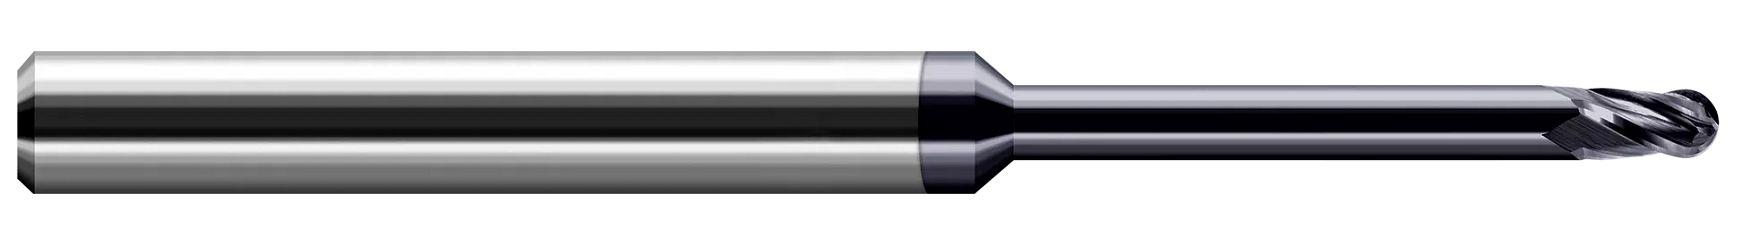 Variable Helix End Mills for High Temp Alloys - Ball - Long Reach, Stub Flute